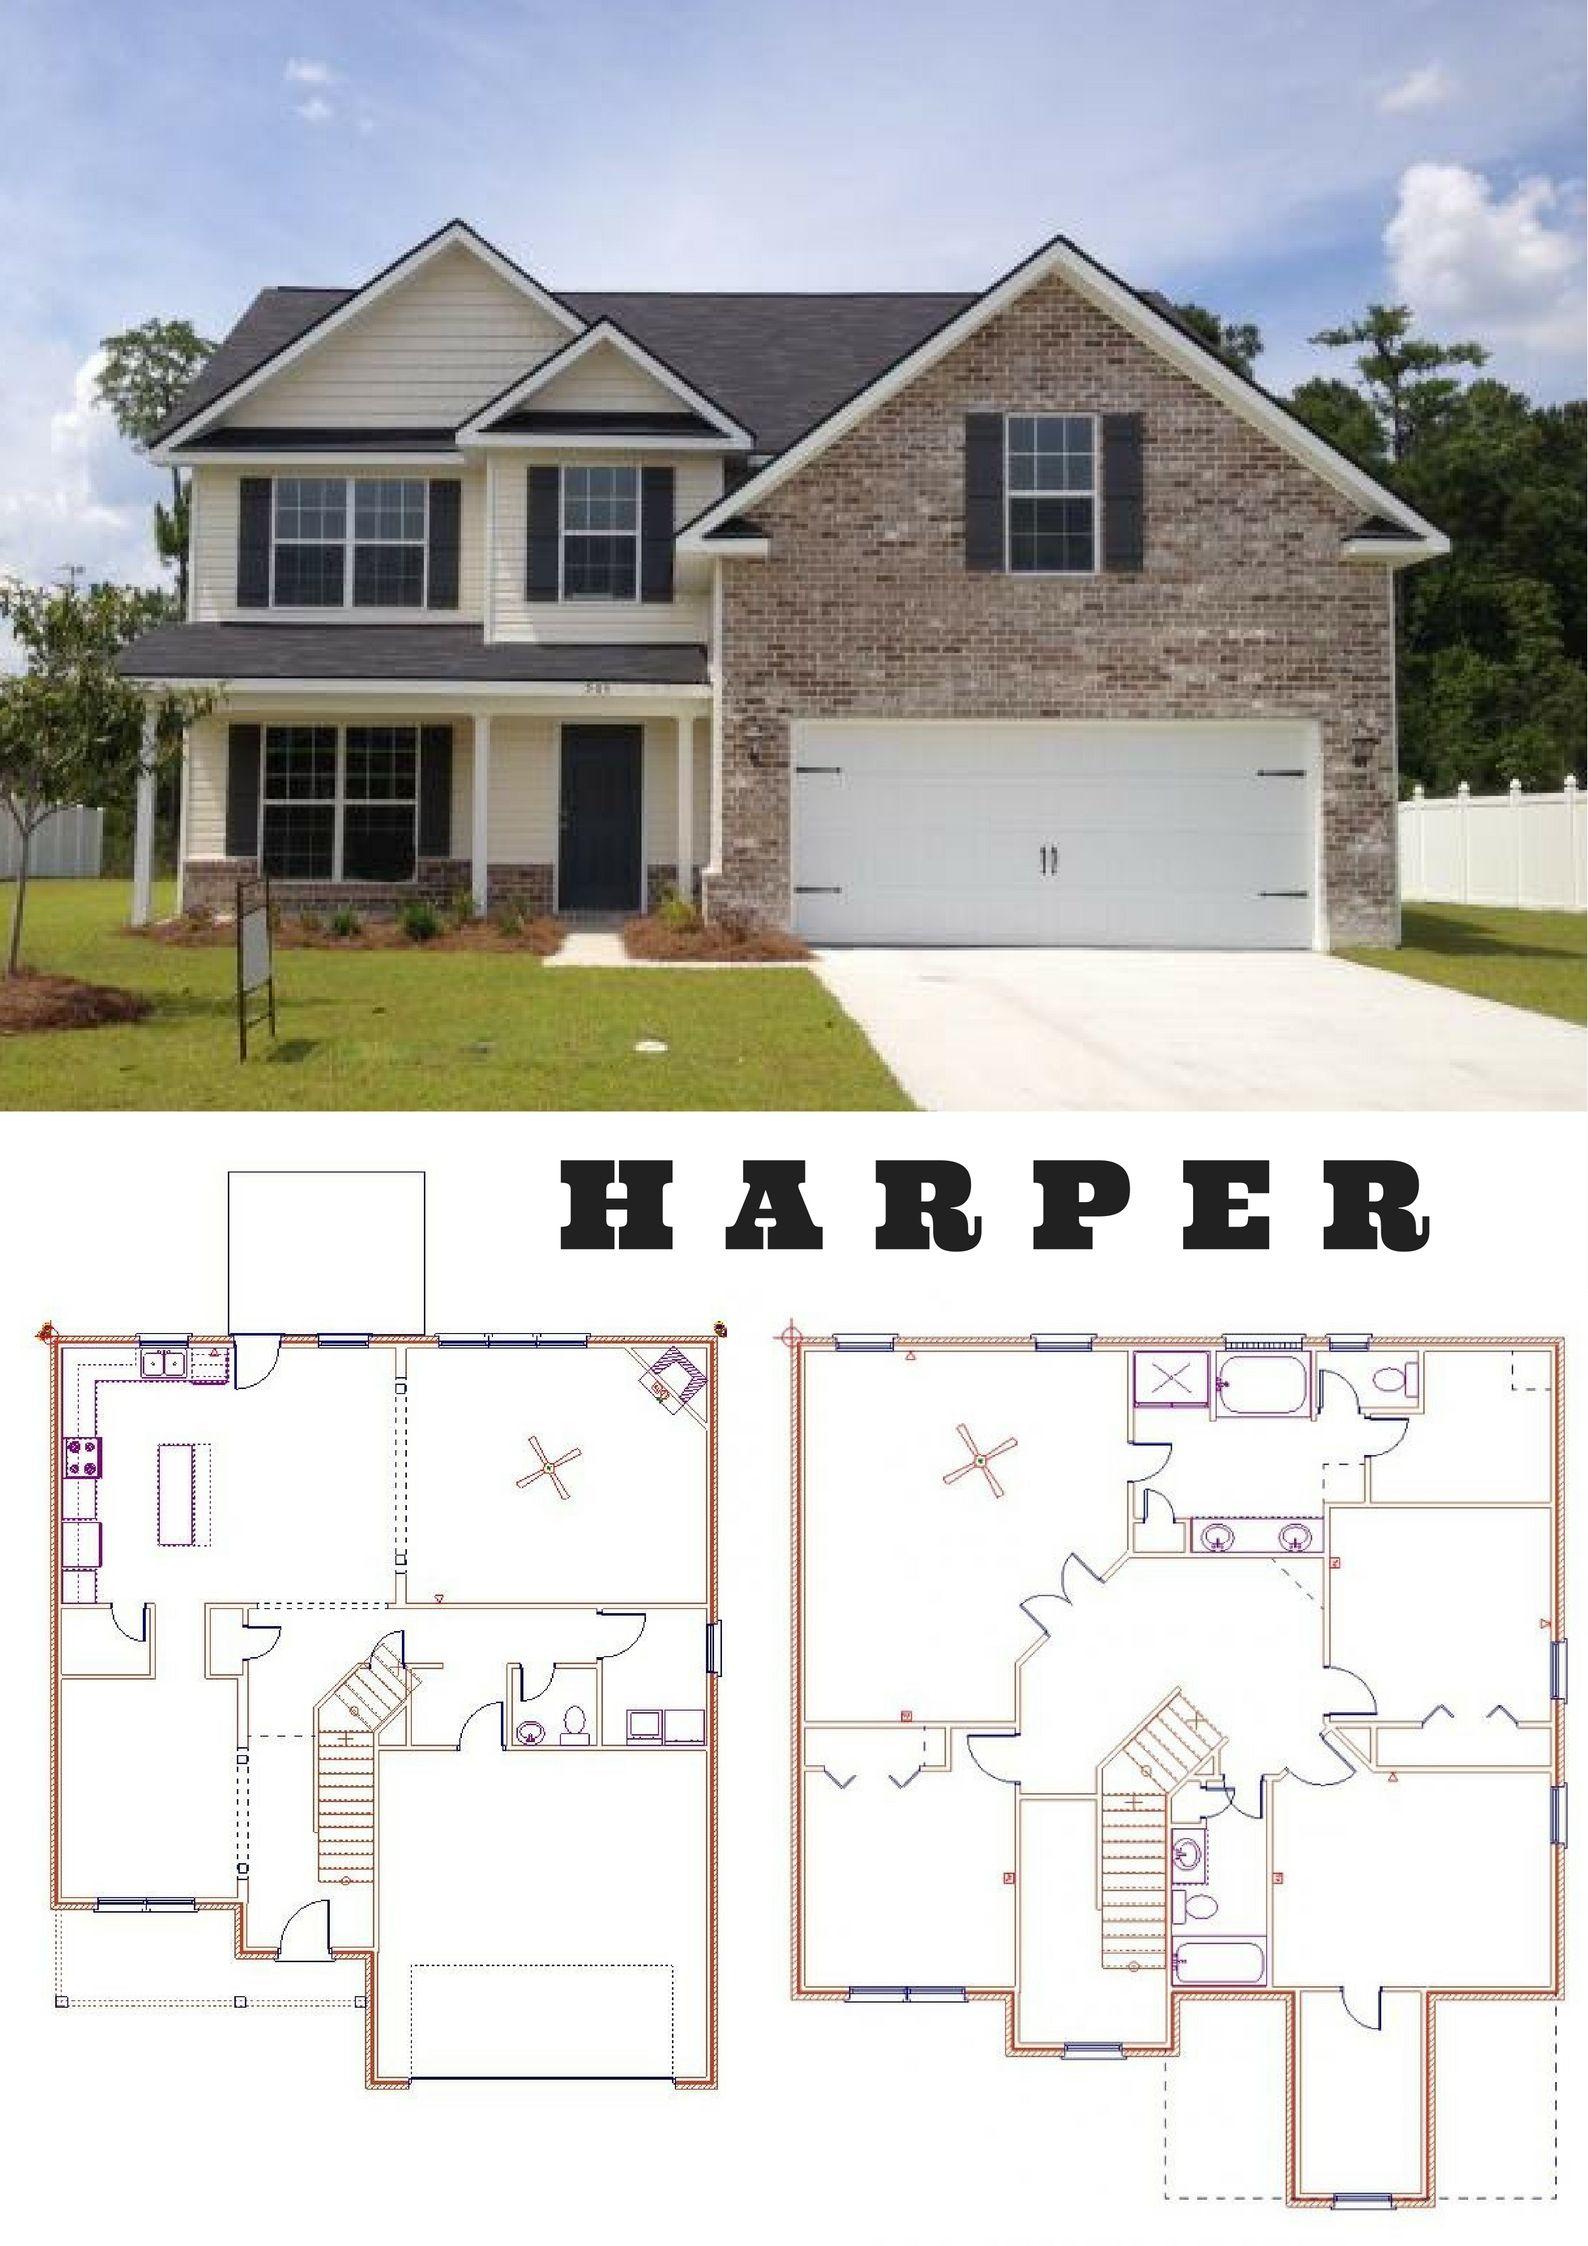 Dryden Enterprises Introducing Harper Floor Plan Open Floor Plan With Island In The Kitchen Full Stainless Steel Appli Floor Plans Open Floor Plan Open Floor